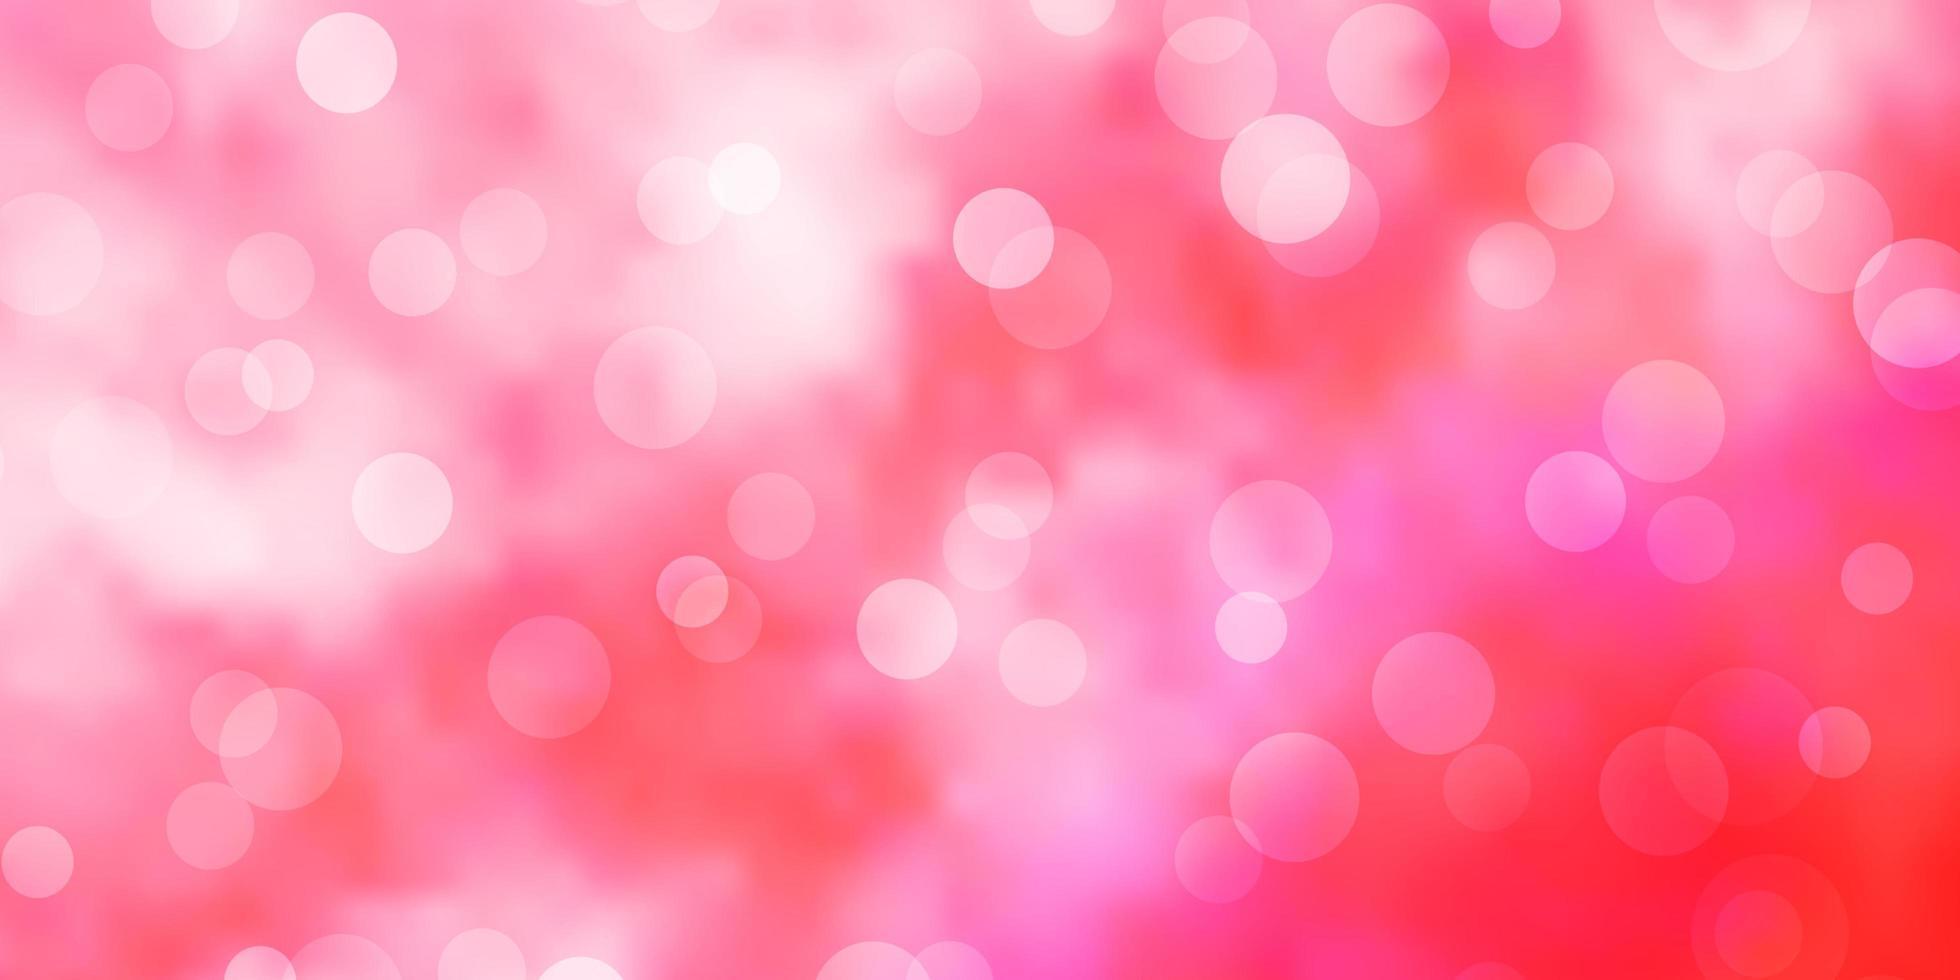 padrão de vetor rosa claro com círculos.